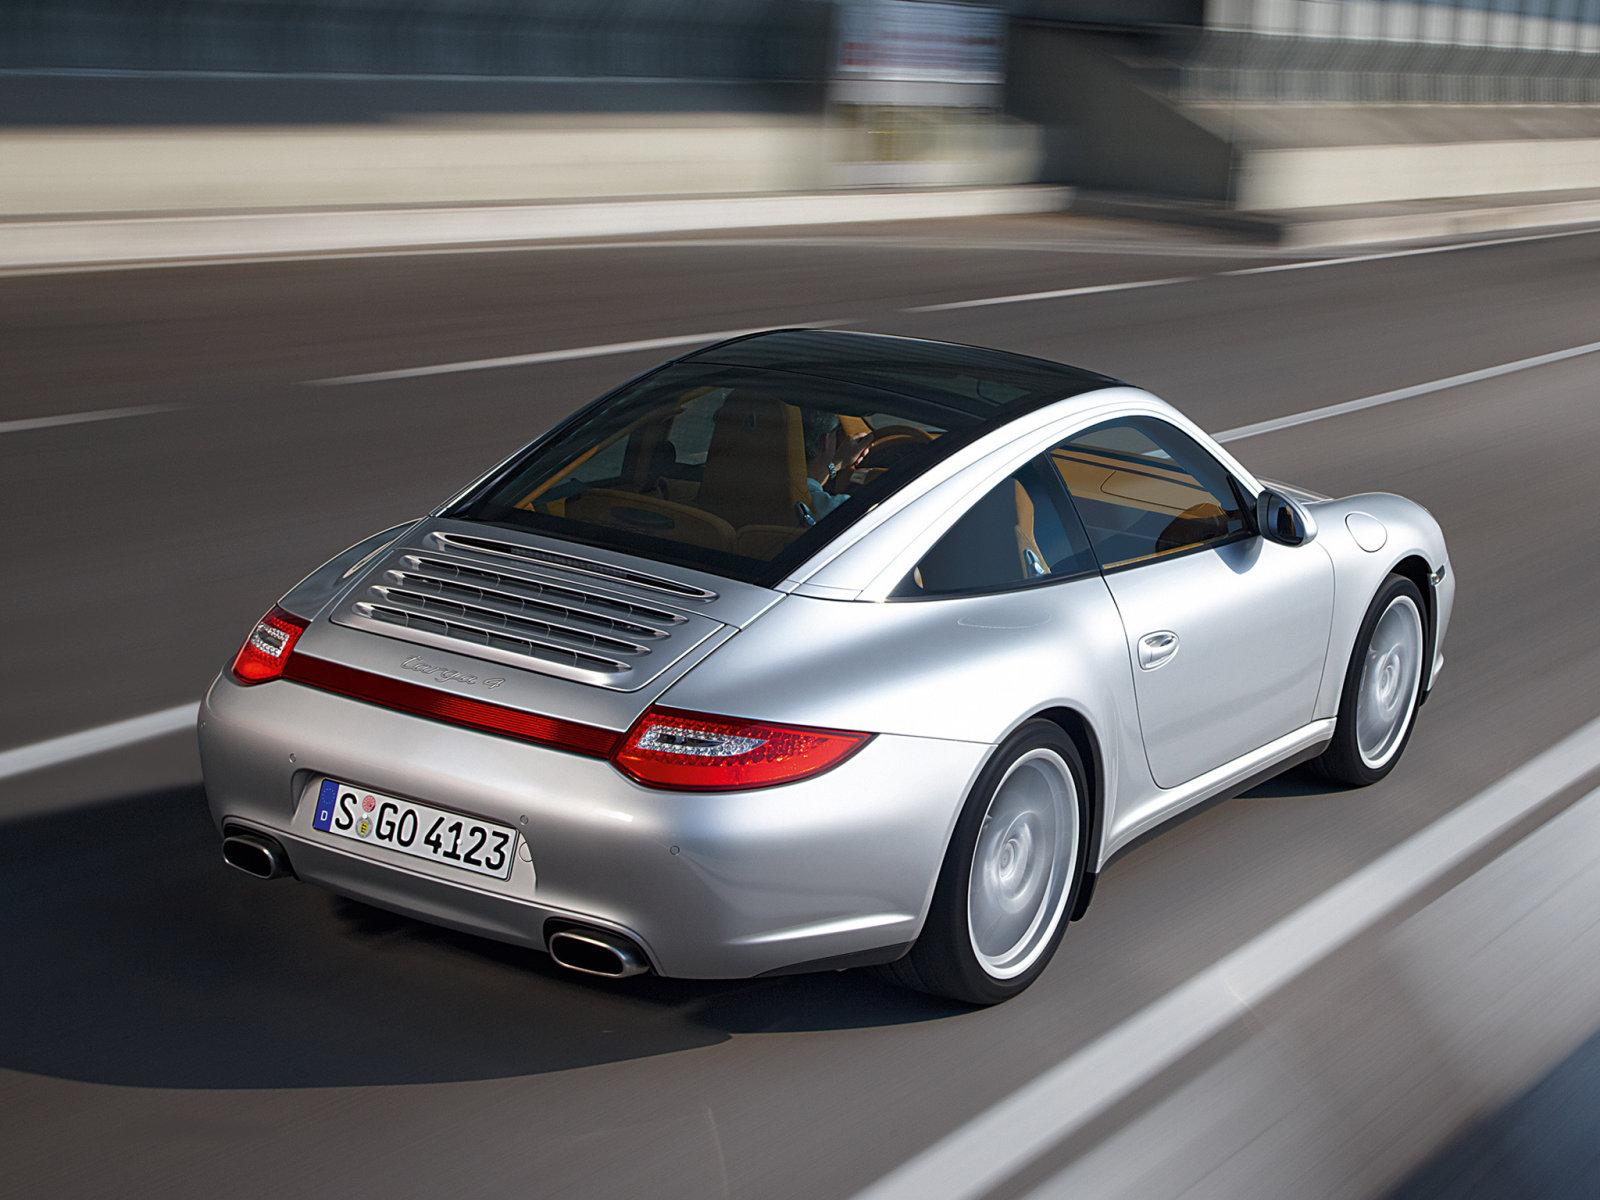 2017 Купе Porsche 911 Targa — характеристики интерьер безопасность гарантия